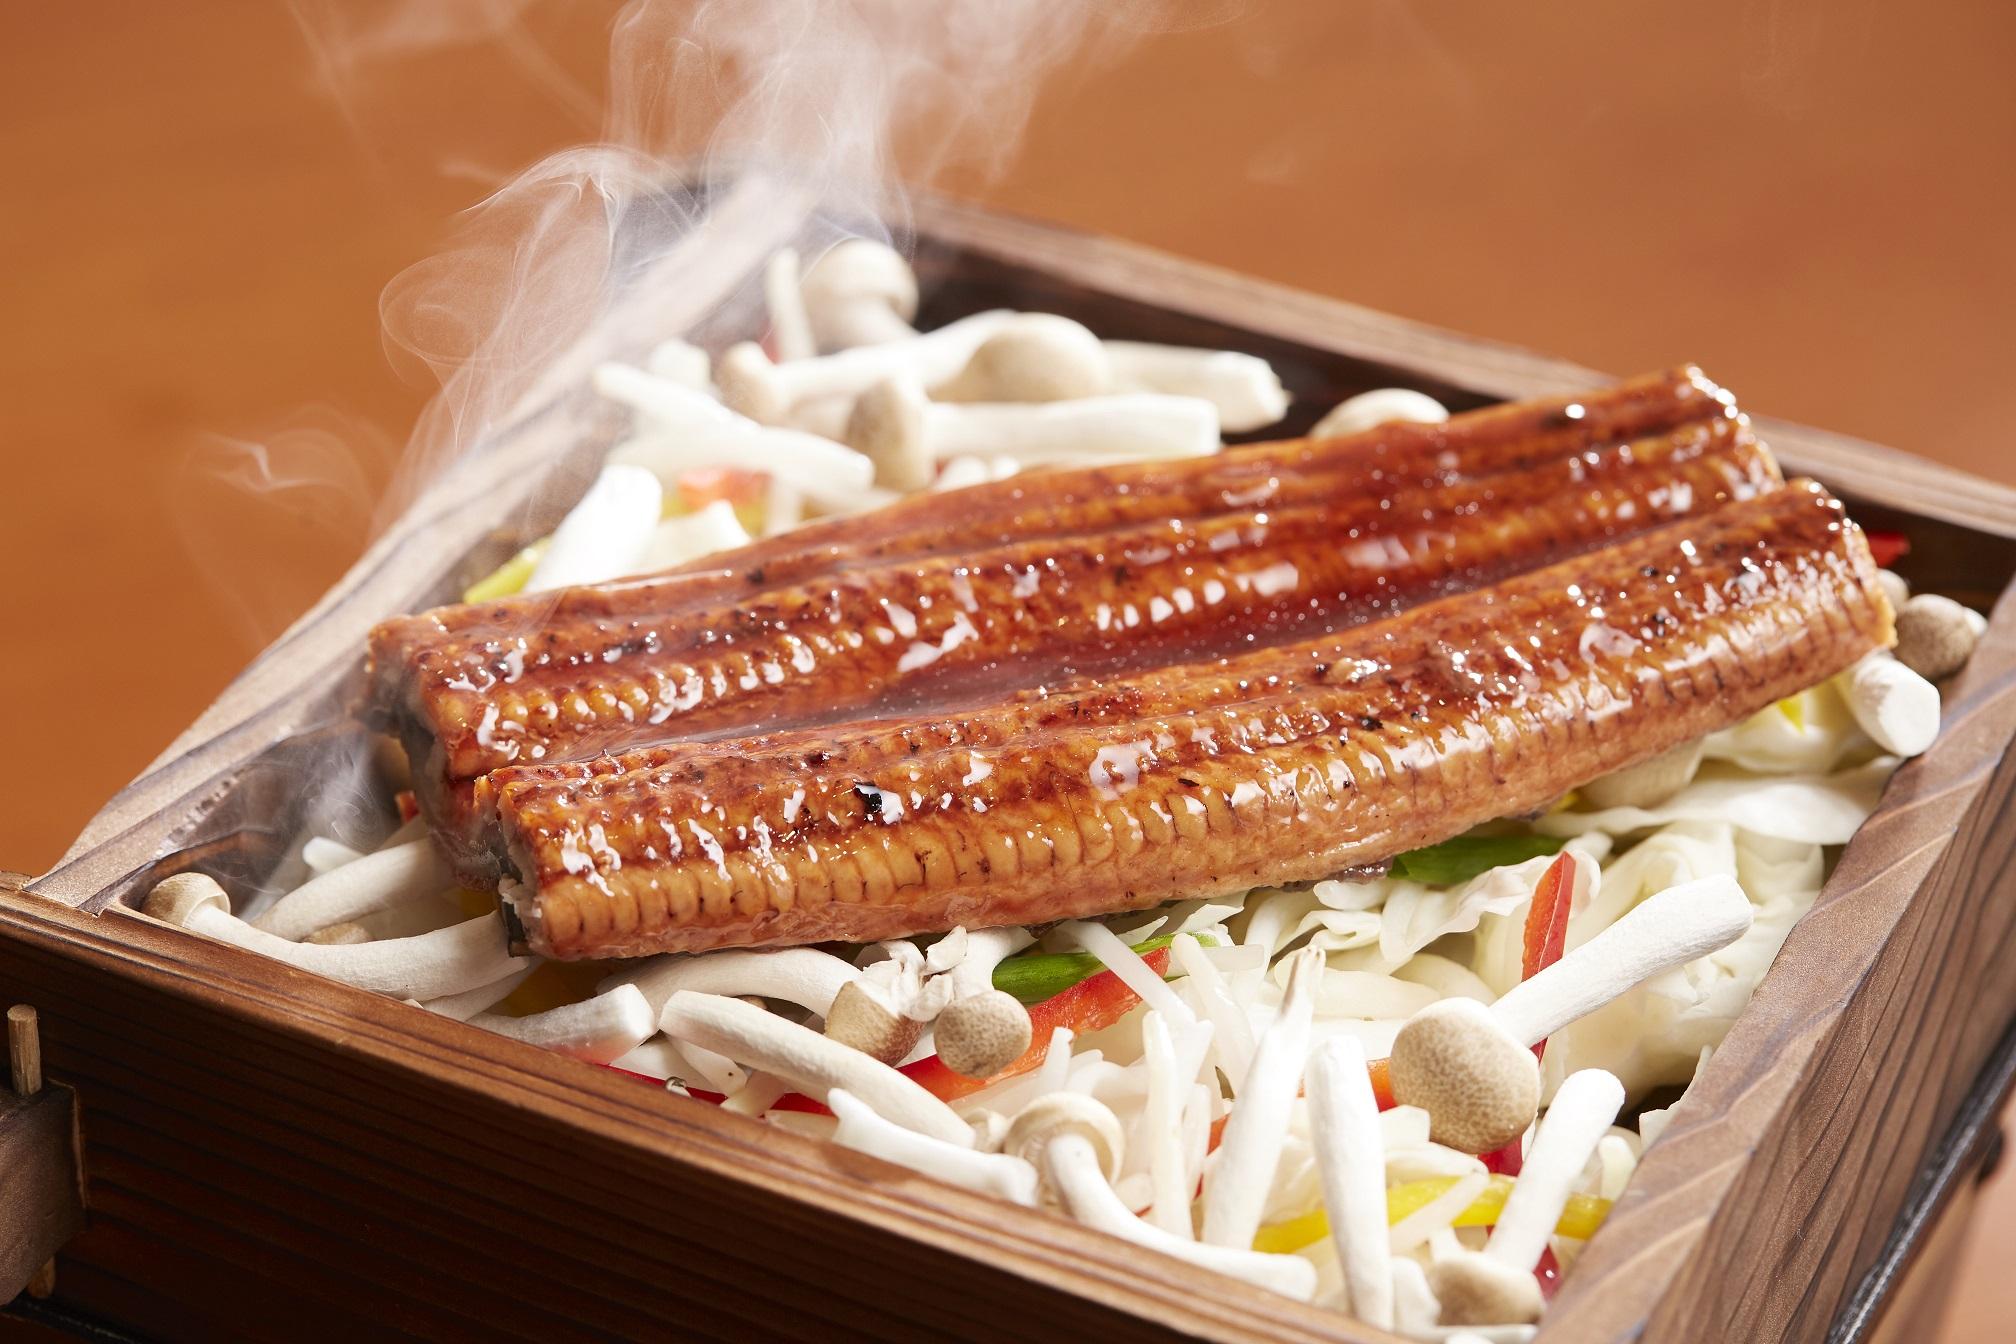 นุ่มหอมละมุนลิ้น กับเซ็ตข้าวหน้าปลาไหลญี่ปุ่น ห้องอาหารคิซาระ 13 -